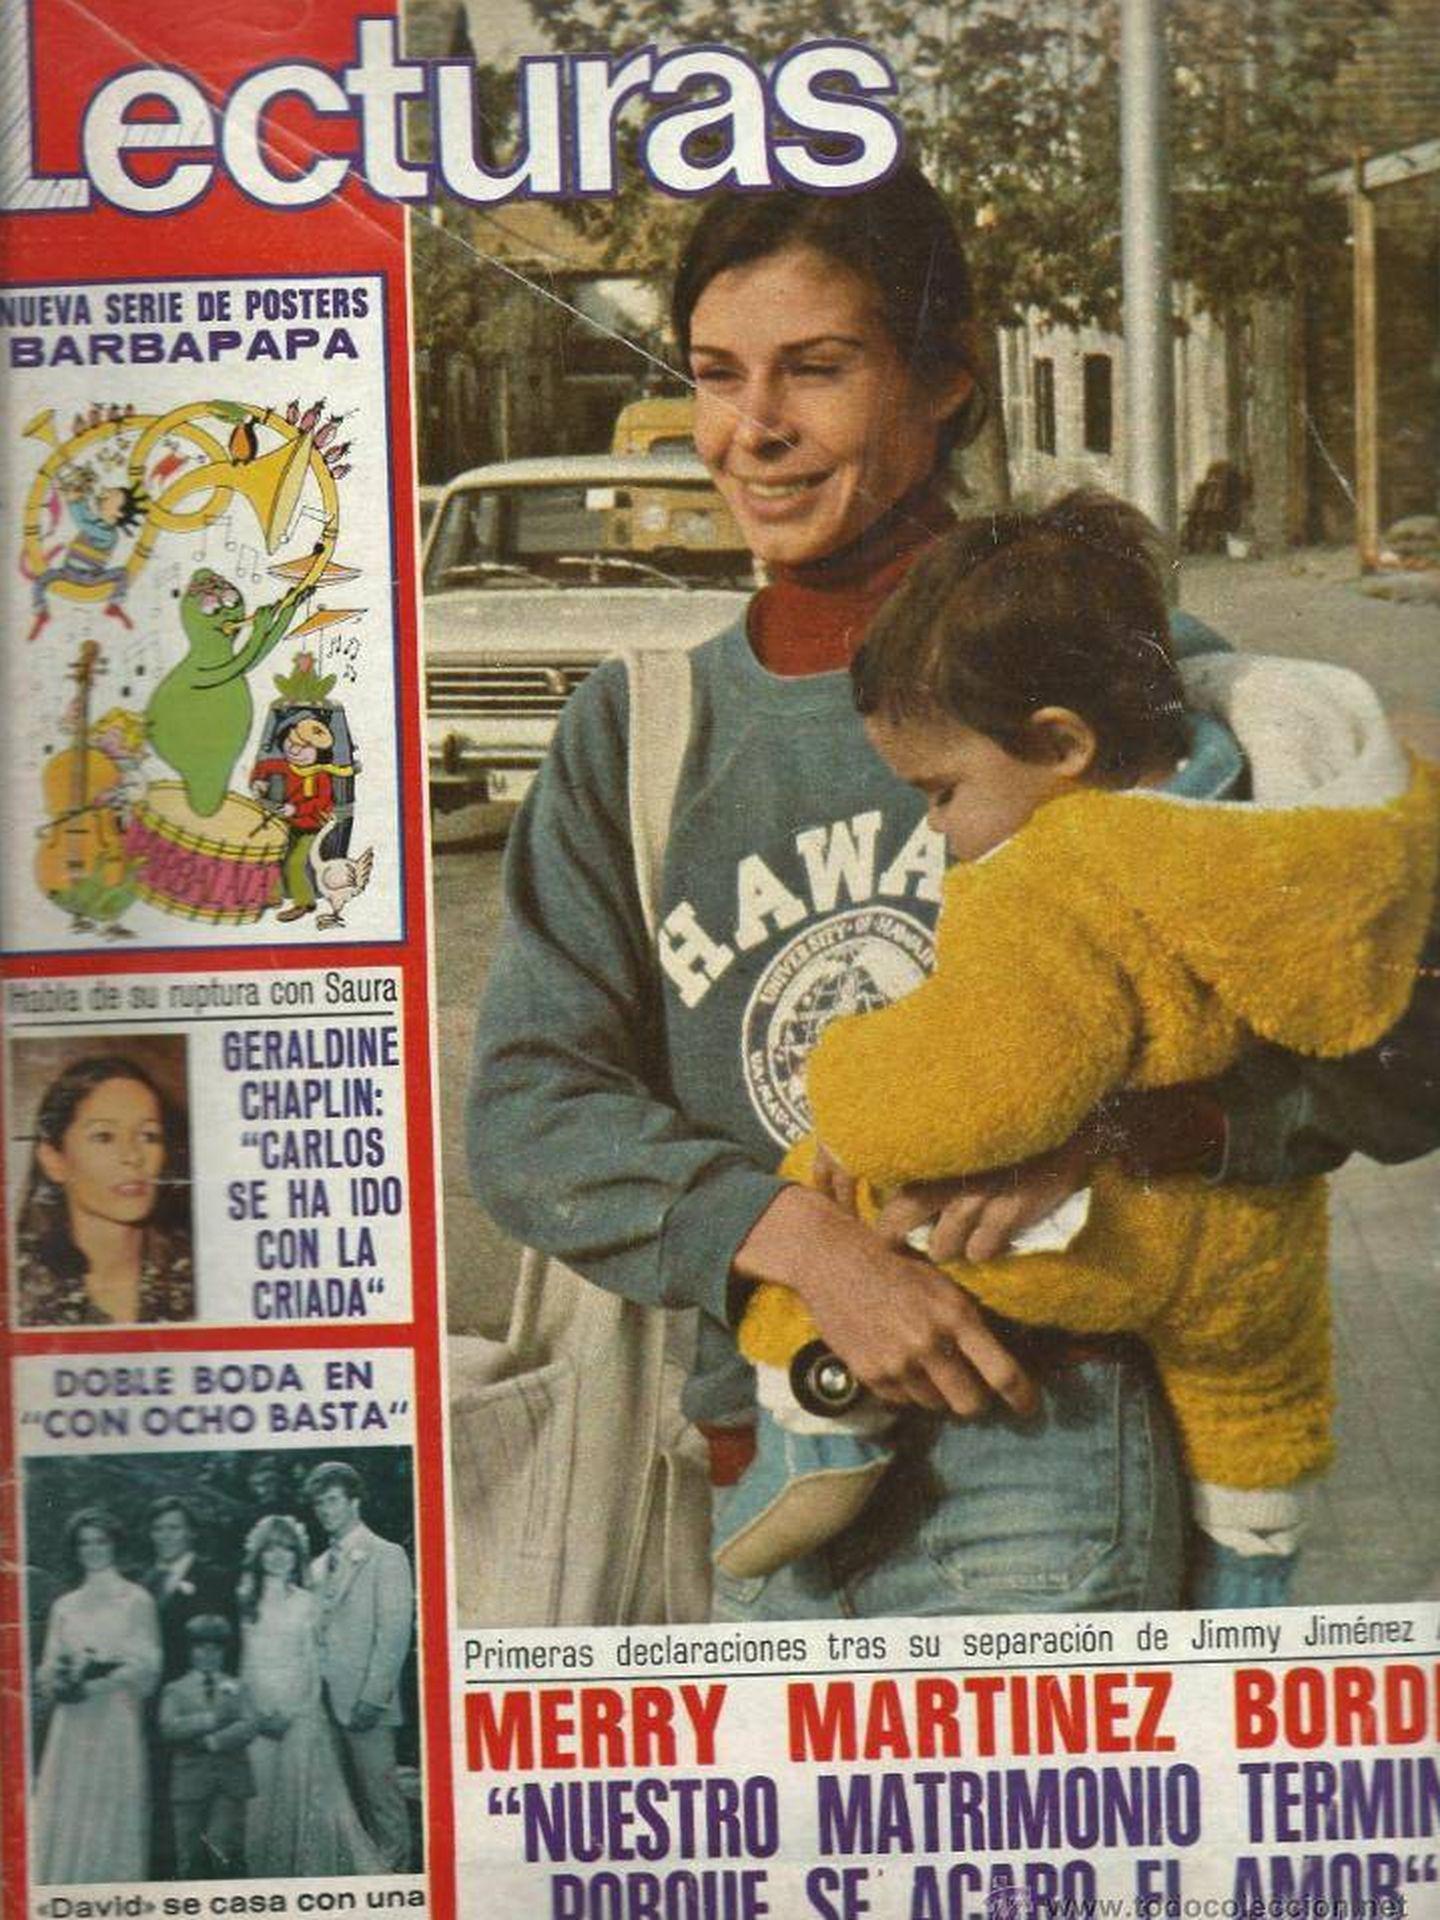 Merry martínez Bordiú, en la prensa de la época cuando anunció su divorcio